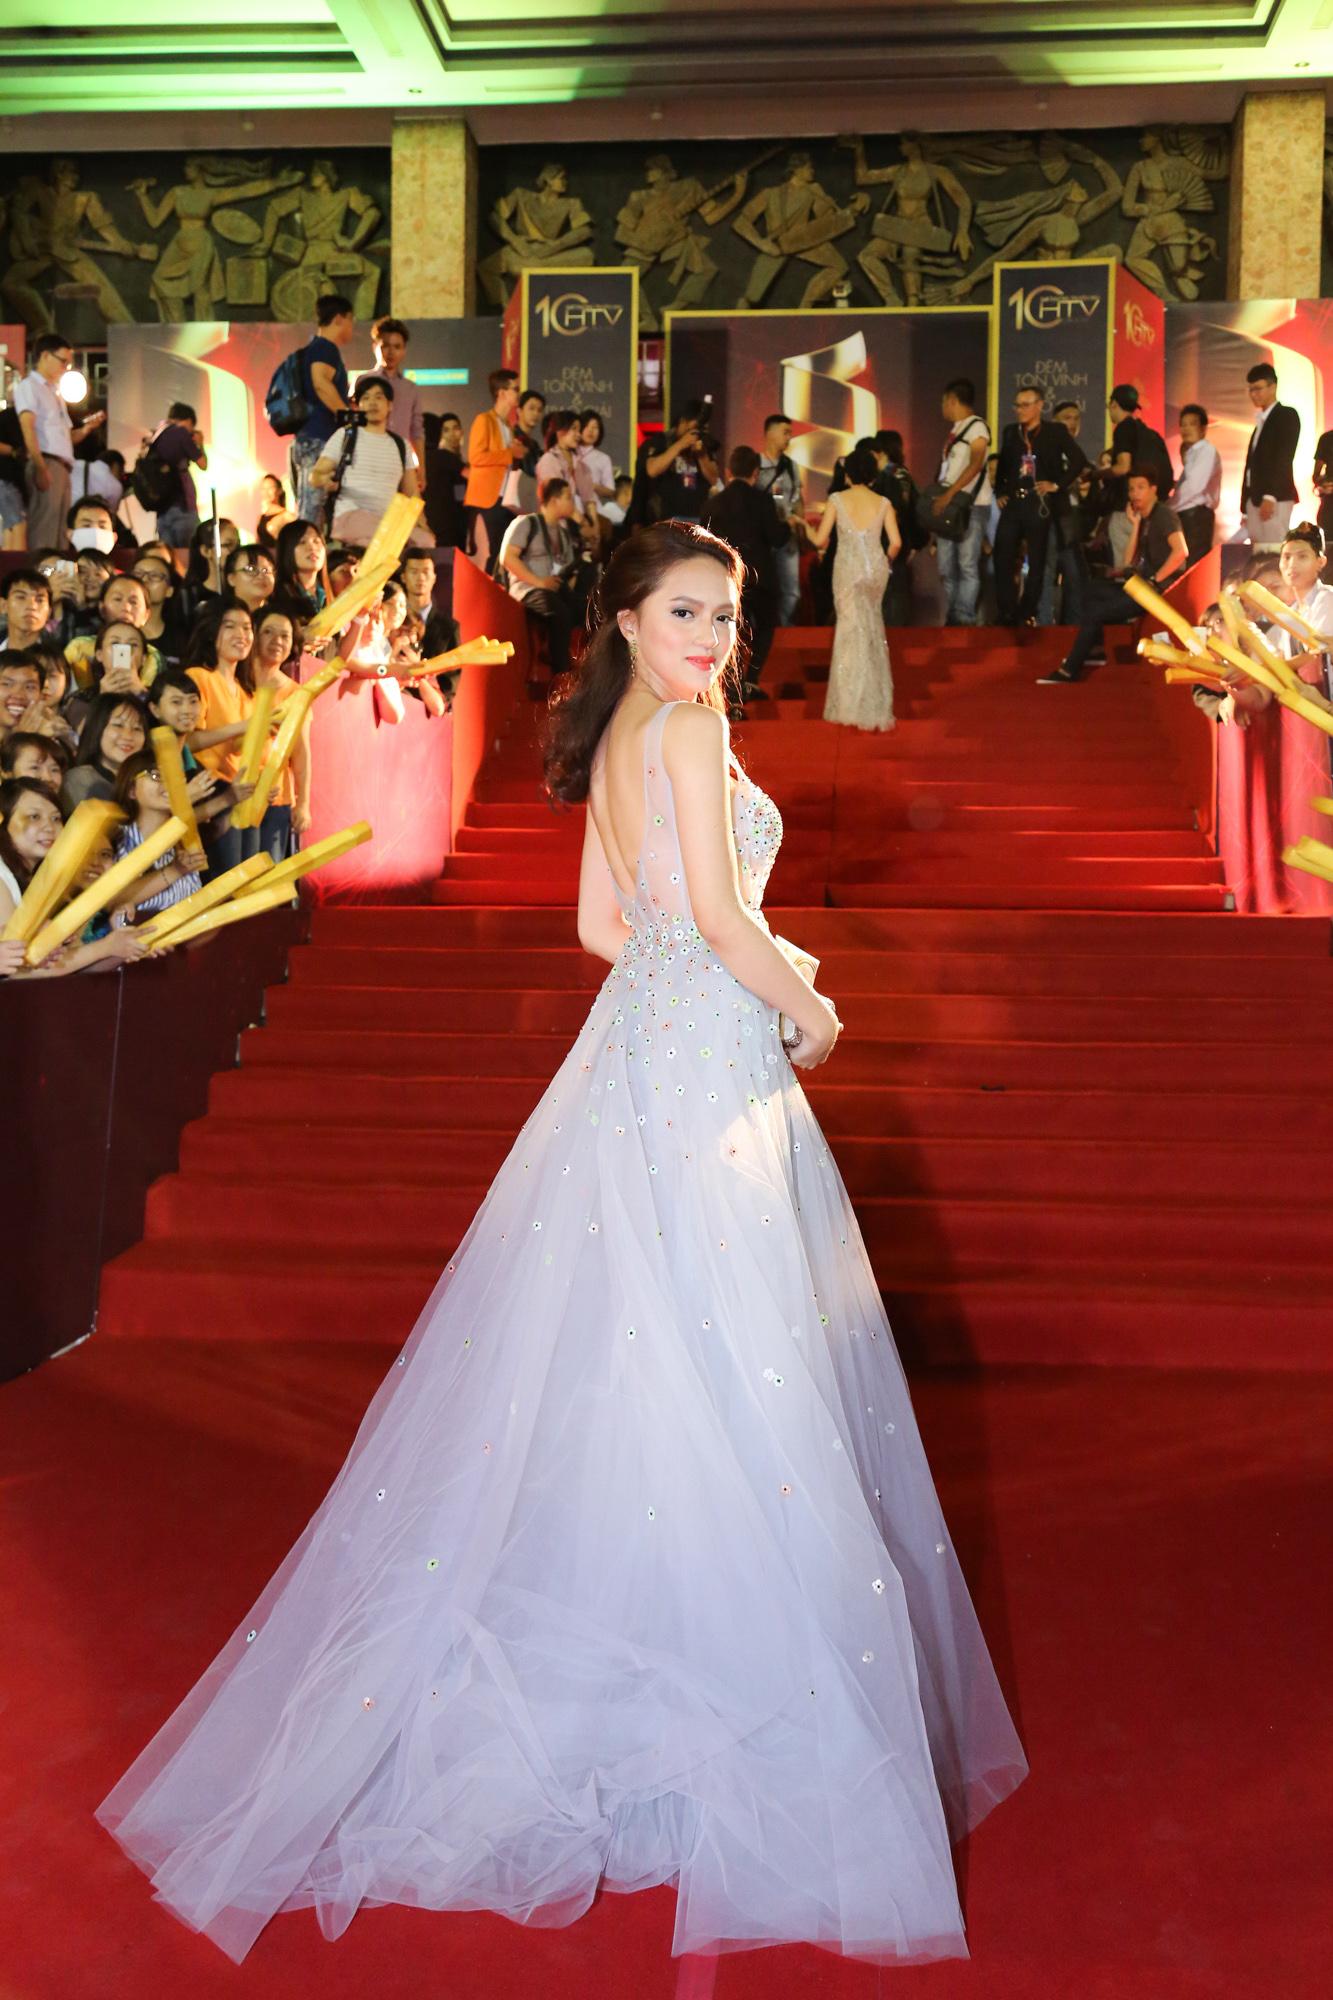 Nhìn vào loạt váy lộng lẫy này của Hương Giang Idol, biết đâu lại thấy tiềm năng một Hoa hậu? - Ảnh 6.